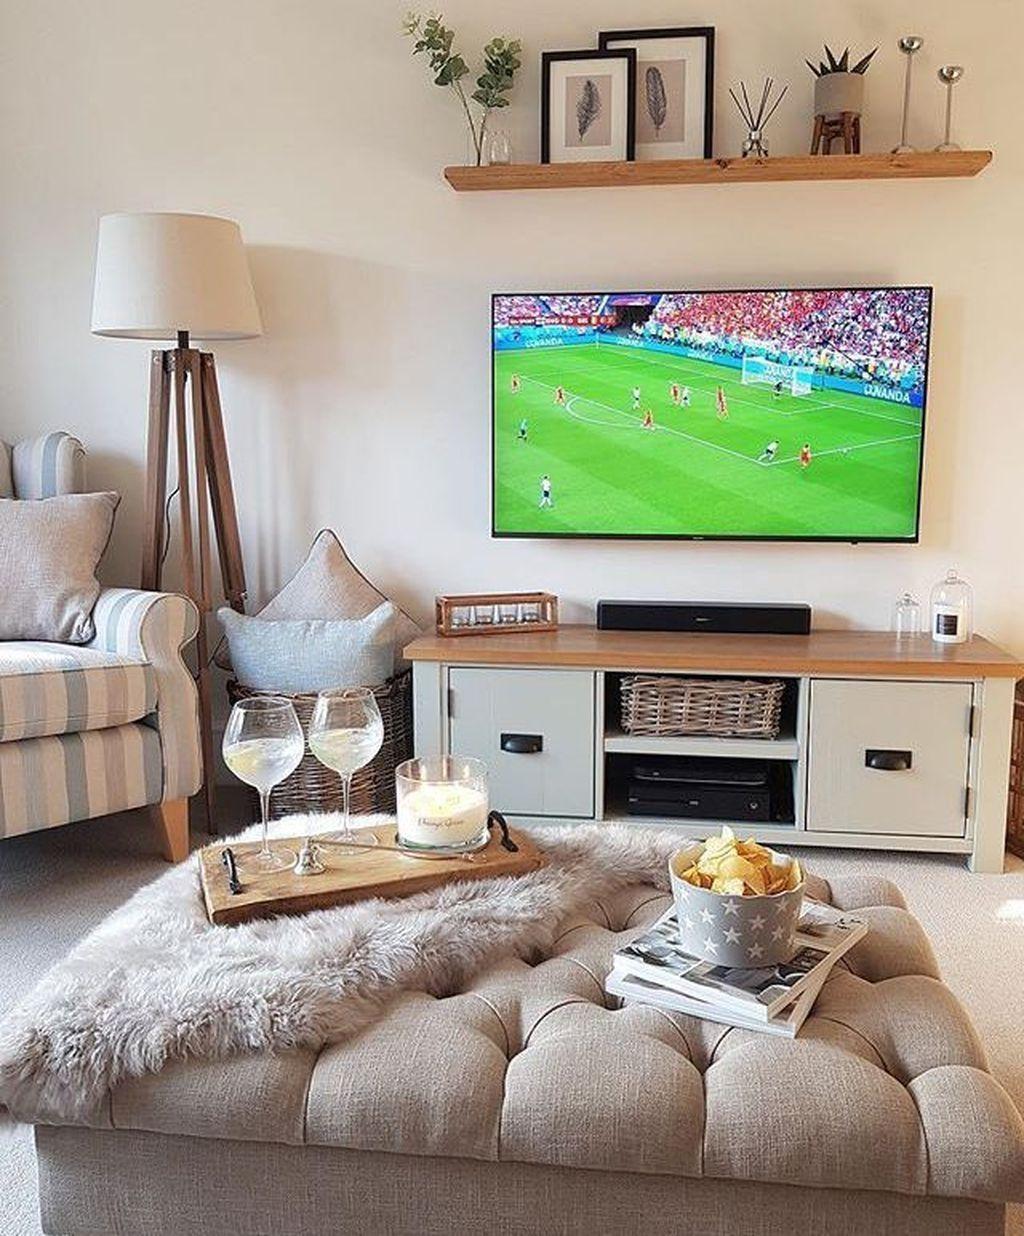 Tv On Wall In Small Bedroom : small, bedroom, Inspiring, Bedroom, Design, Ideas, Small, Living, Room,